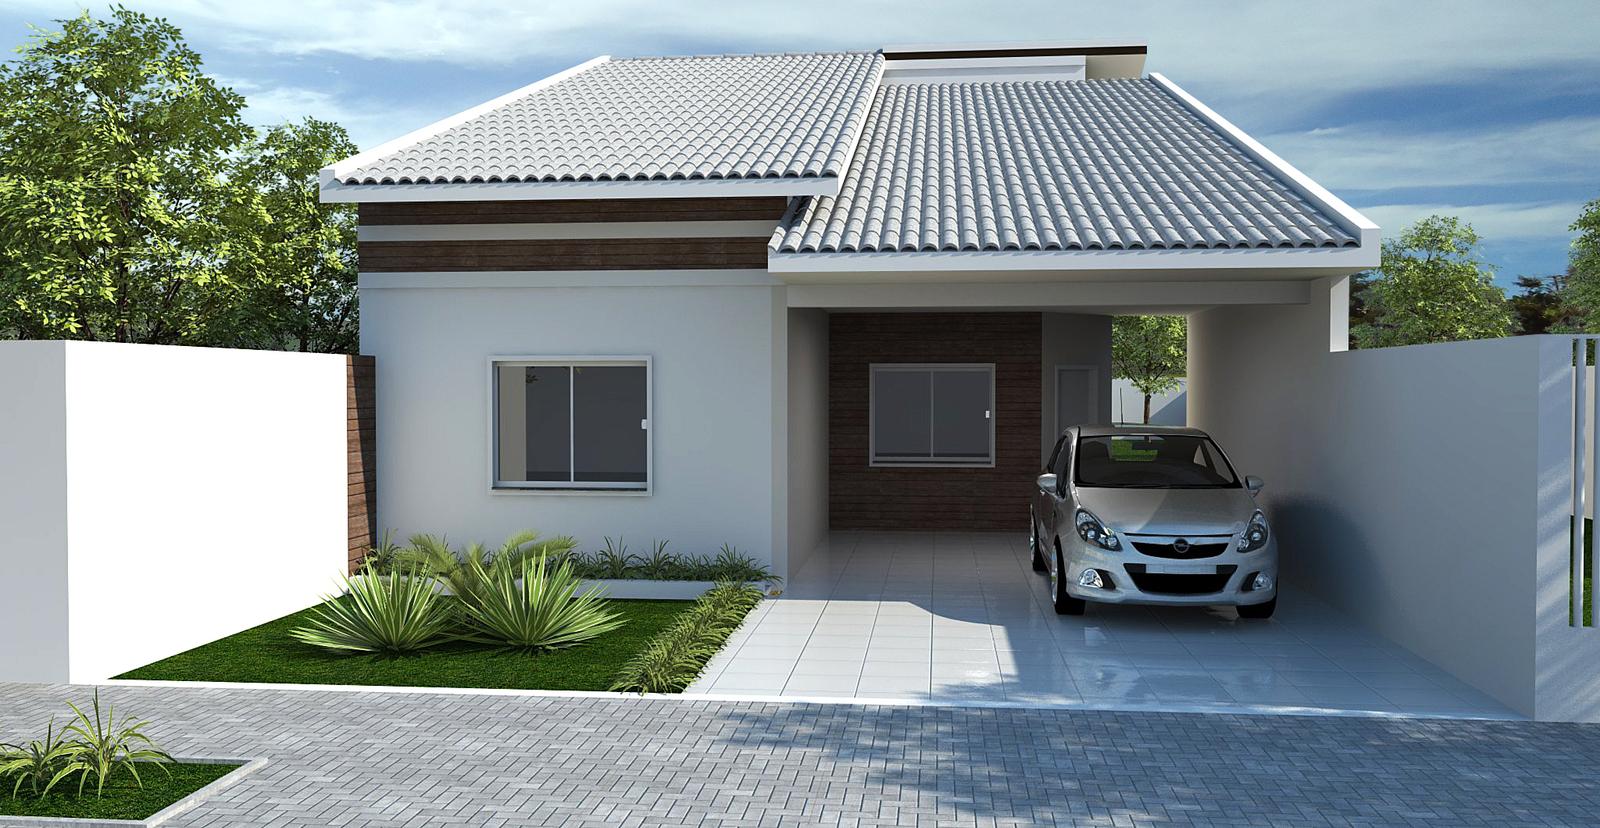 Fachadas de casas pequenas e simples 11 modelos for Fachadas casas modernas